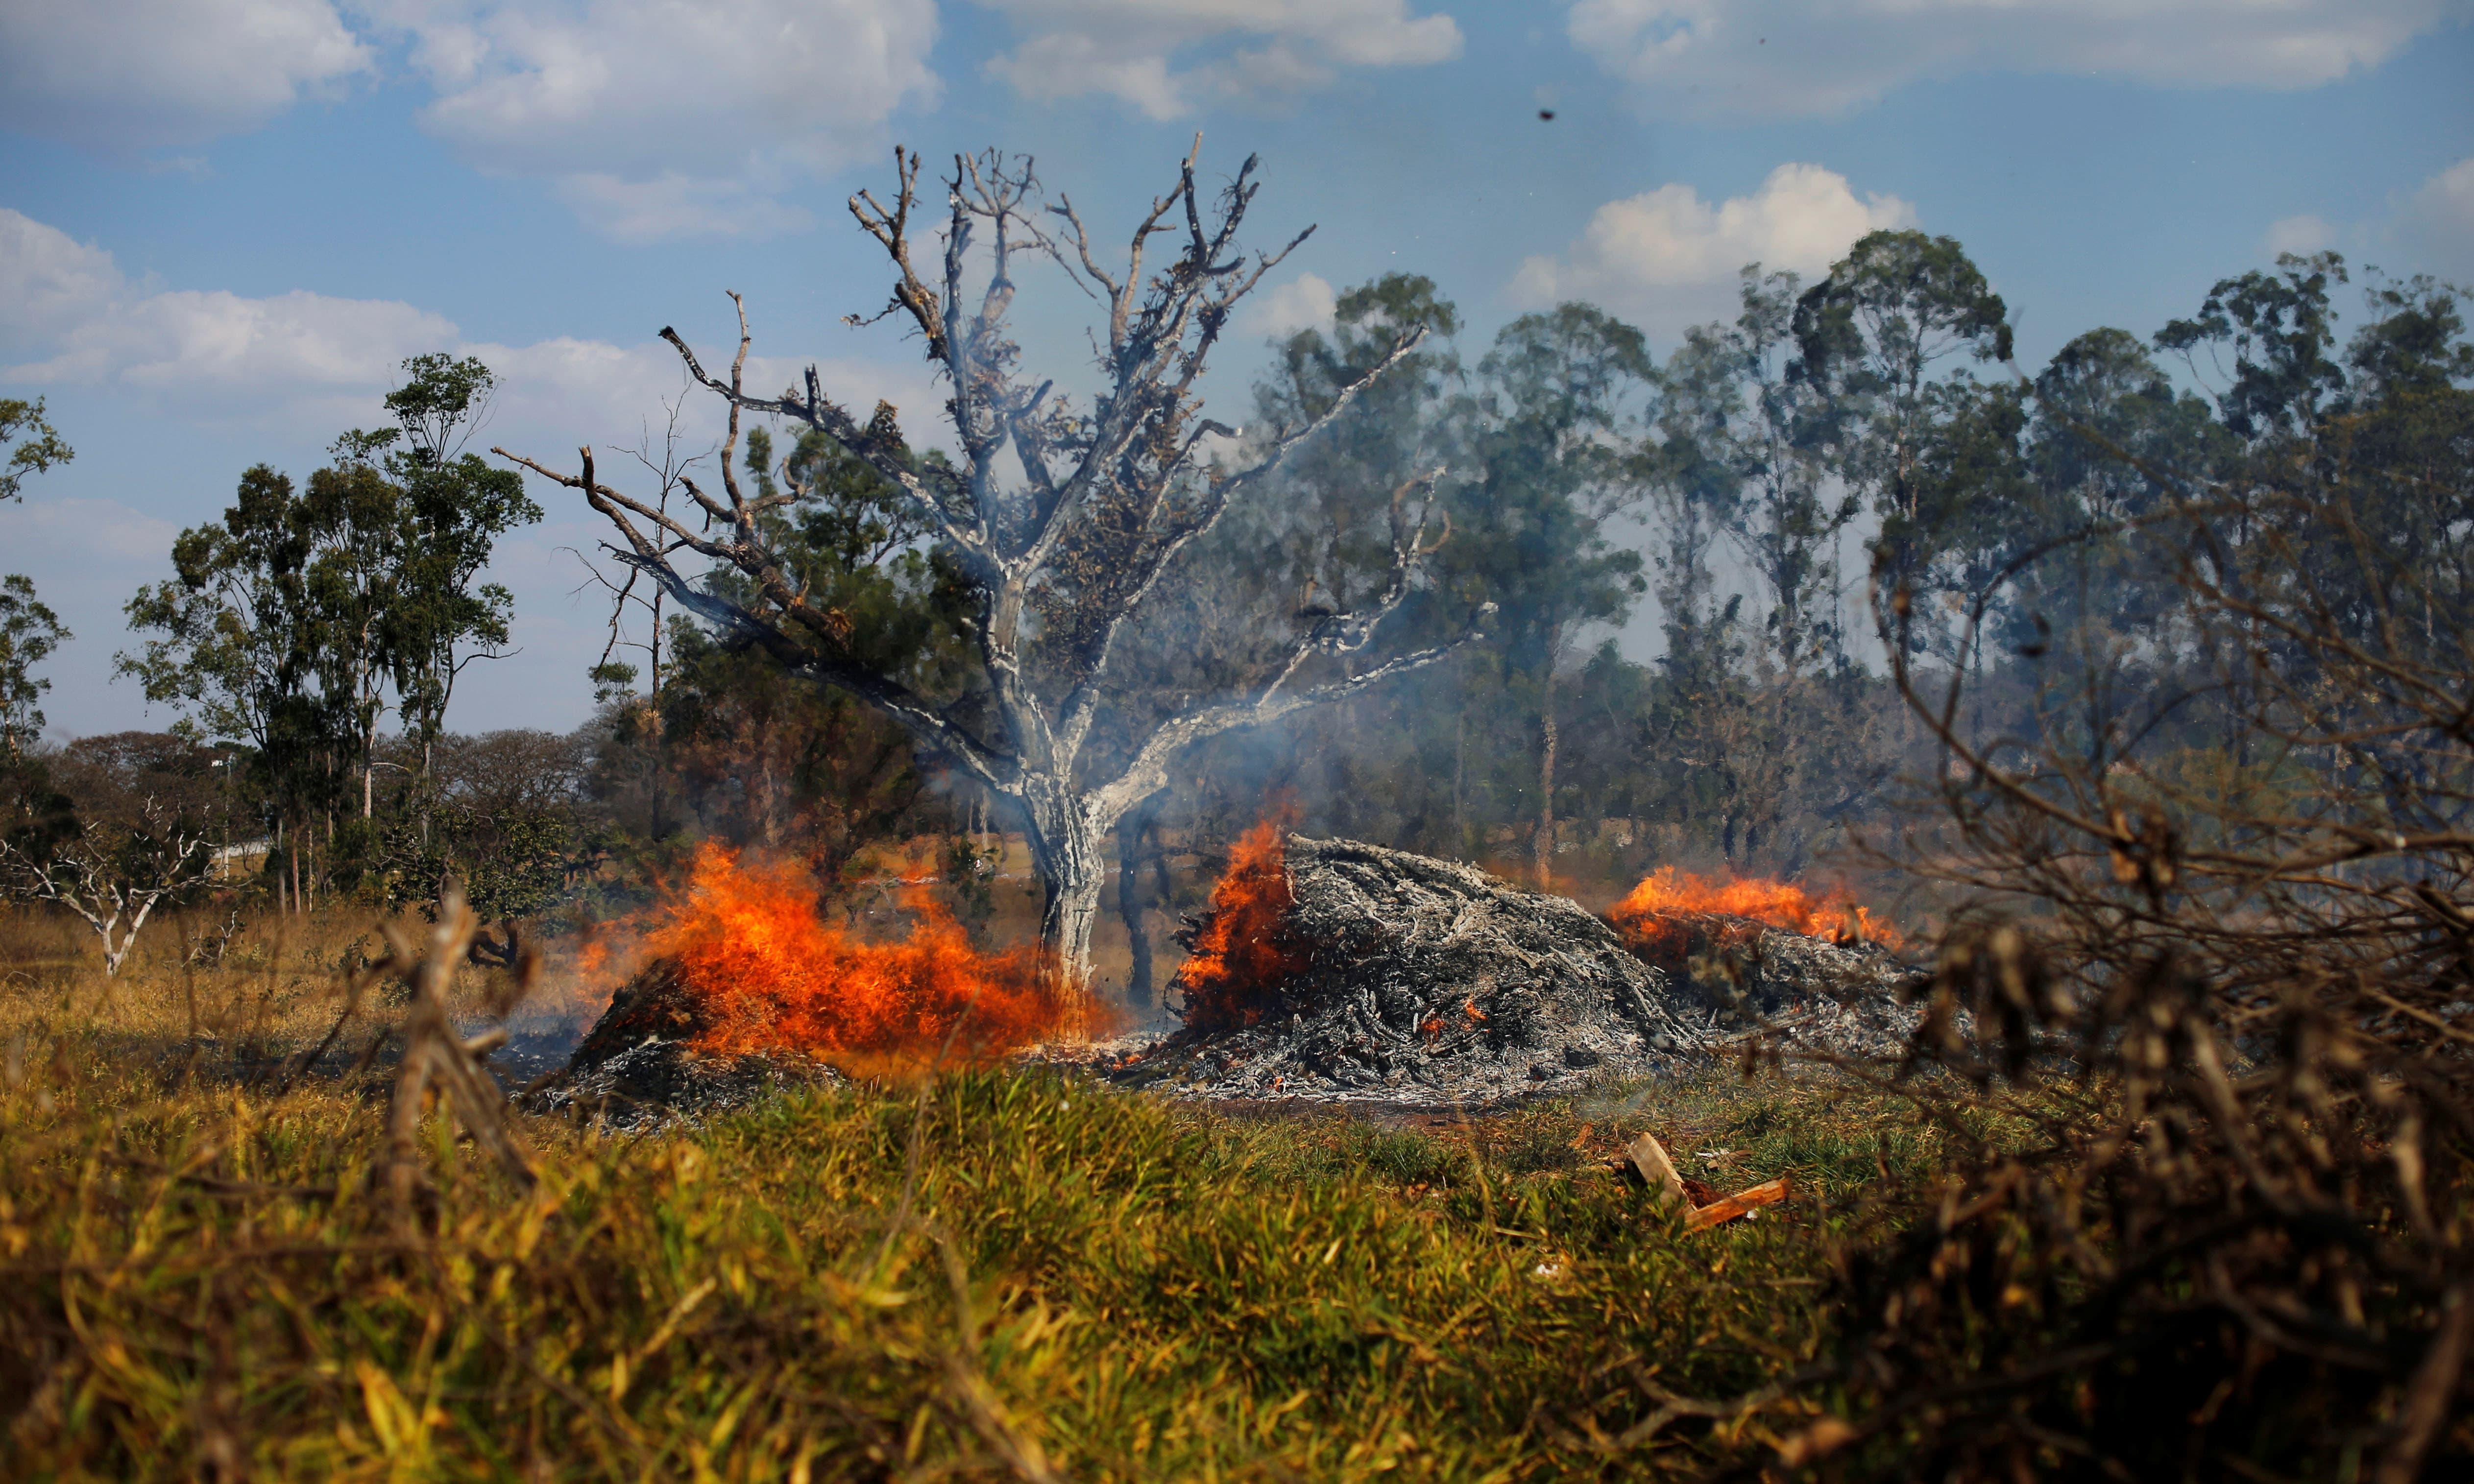 واضح رہے کہ یہ جنگل 9 ممالک تک پھیلا ہوا ہے جن میں برازیل، کولمبیا، پیرو، وینیزویلا، ایکویڈر، بولیویا، گیانا، سرینام اور فرانسیسی گیانا شامل ہیں —فوٹو/ رائٹرز